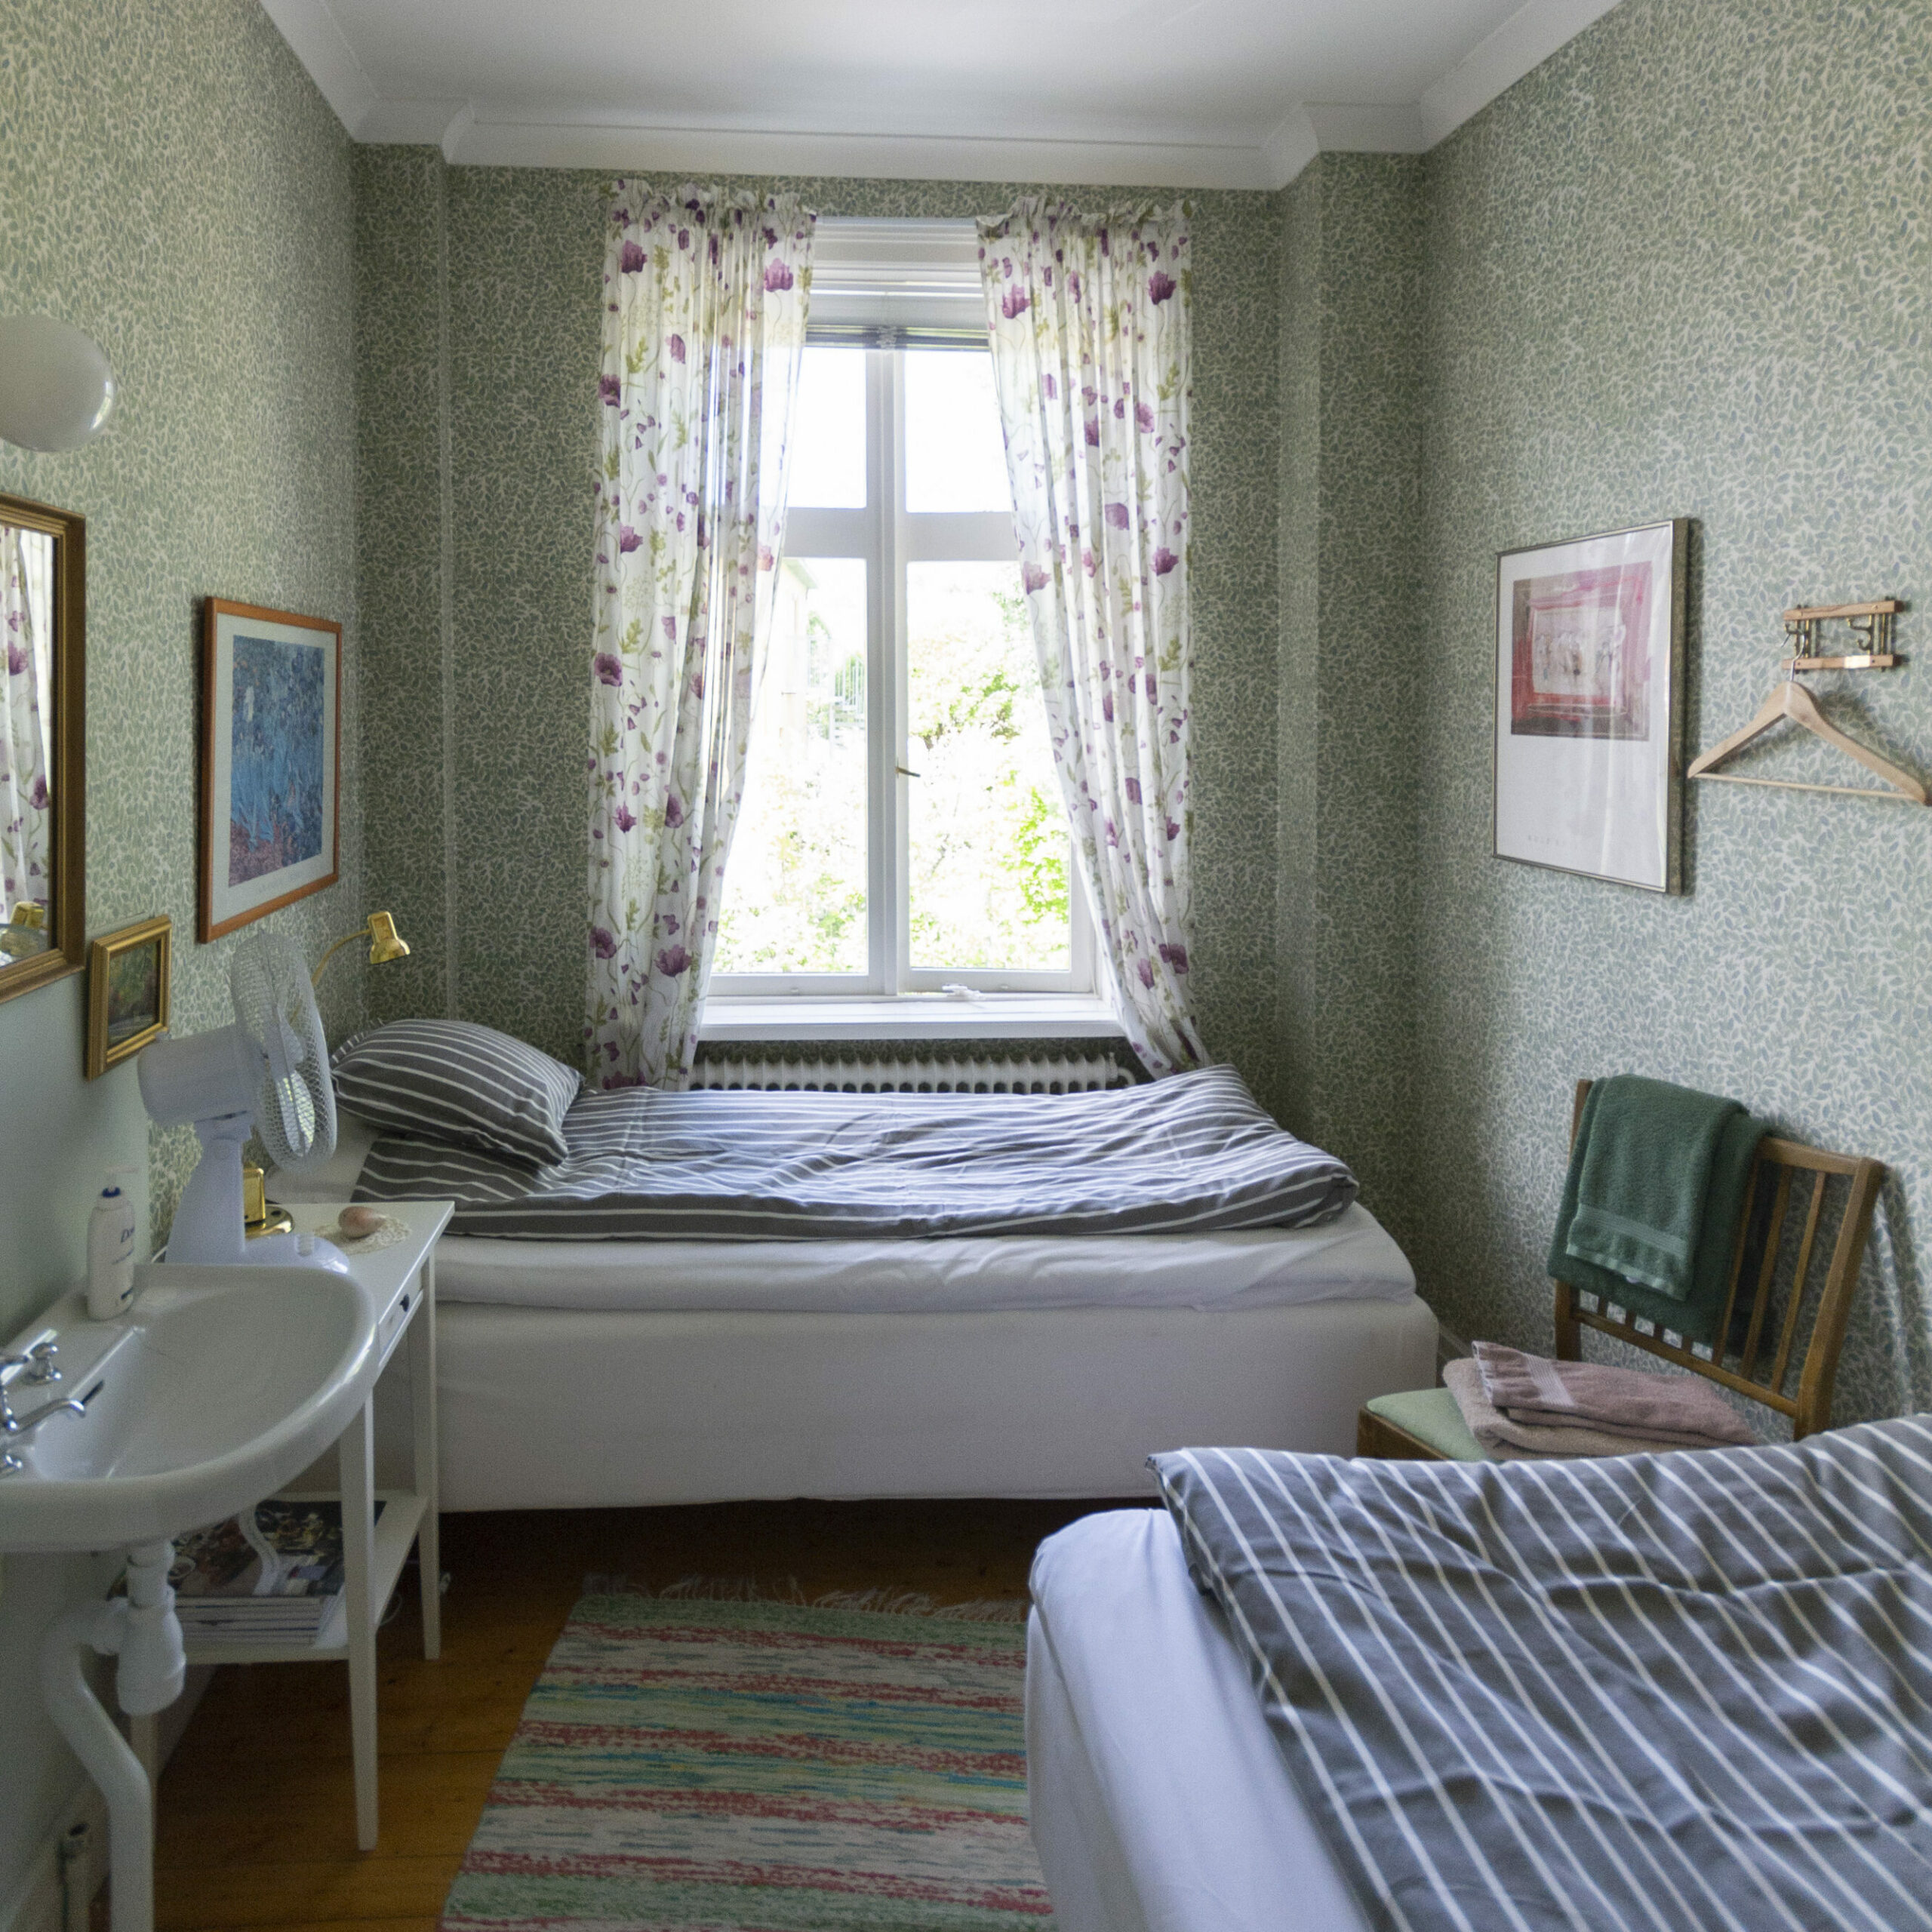 small twin bedroom top floor-main building